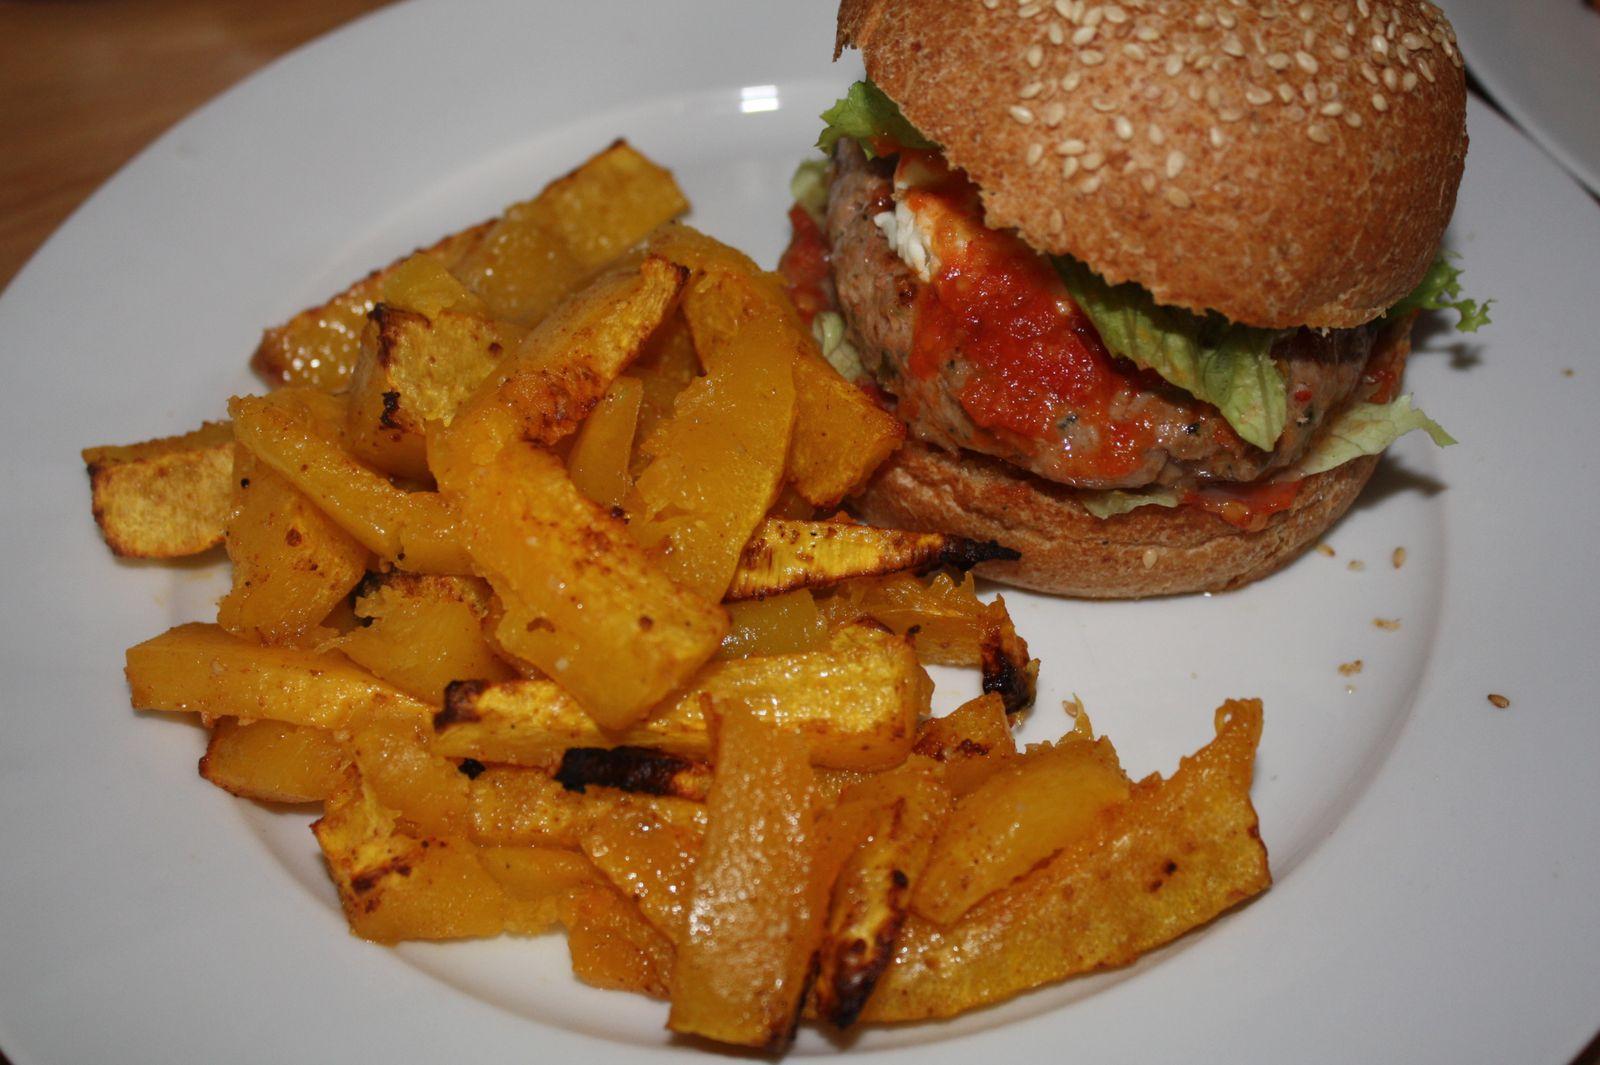 Burger de délice d'agneau, sauce tomate maison &amp&#x3B; chèvre accompagné de frites de butternut